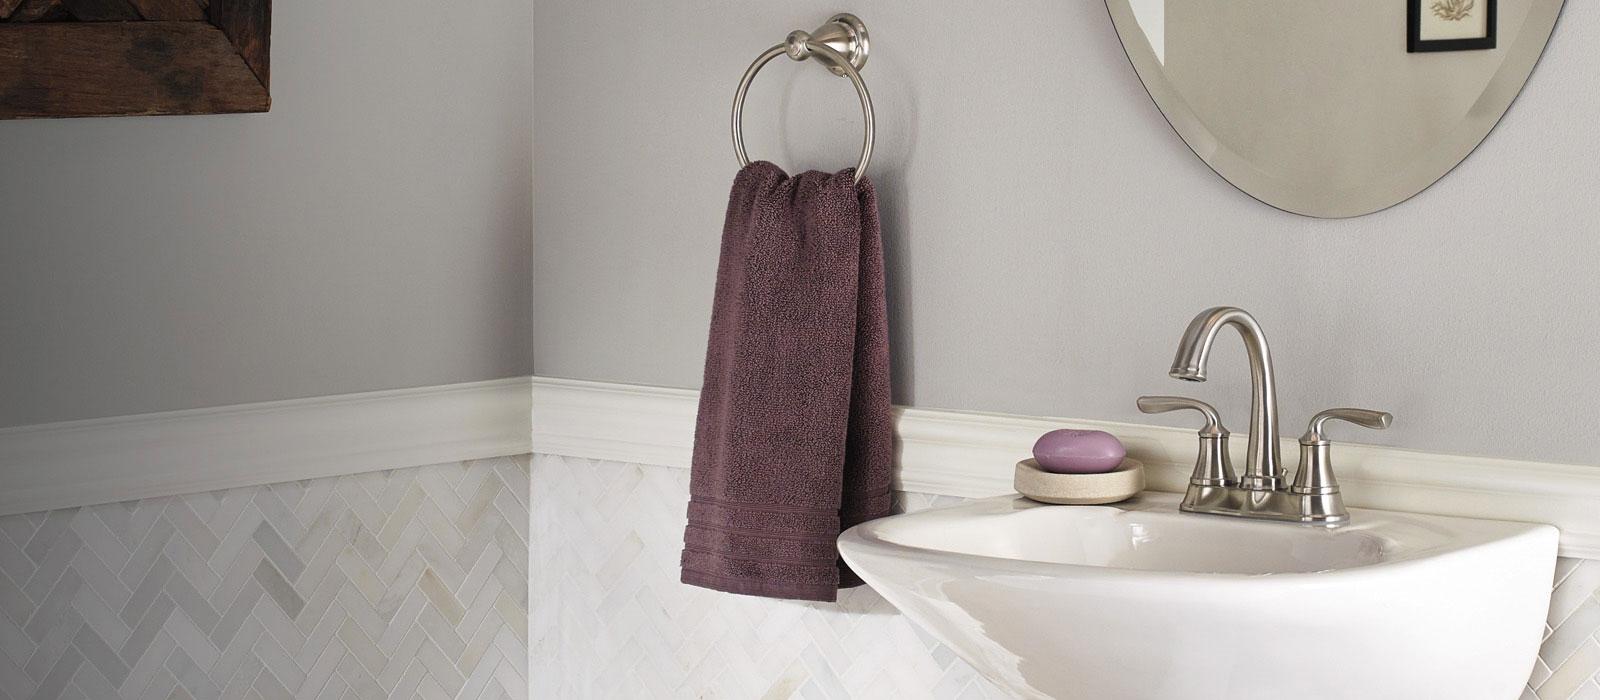 Ideas, delta lorain deck mount tub faucet delta lorain deck mount tub faucet lorain bathroom collection 1600 x 700  .